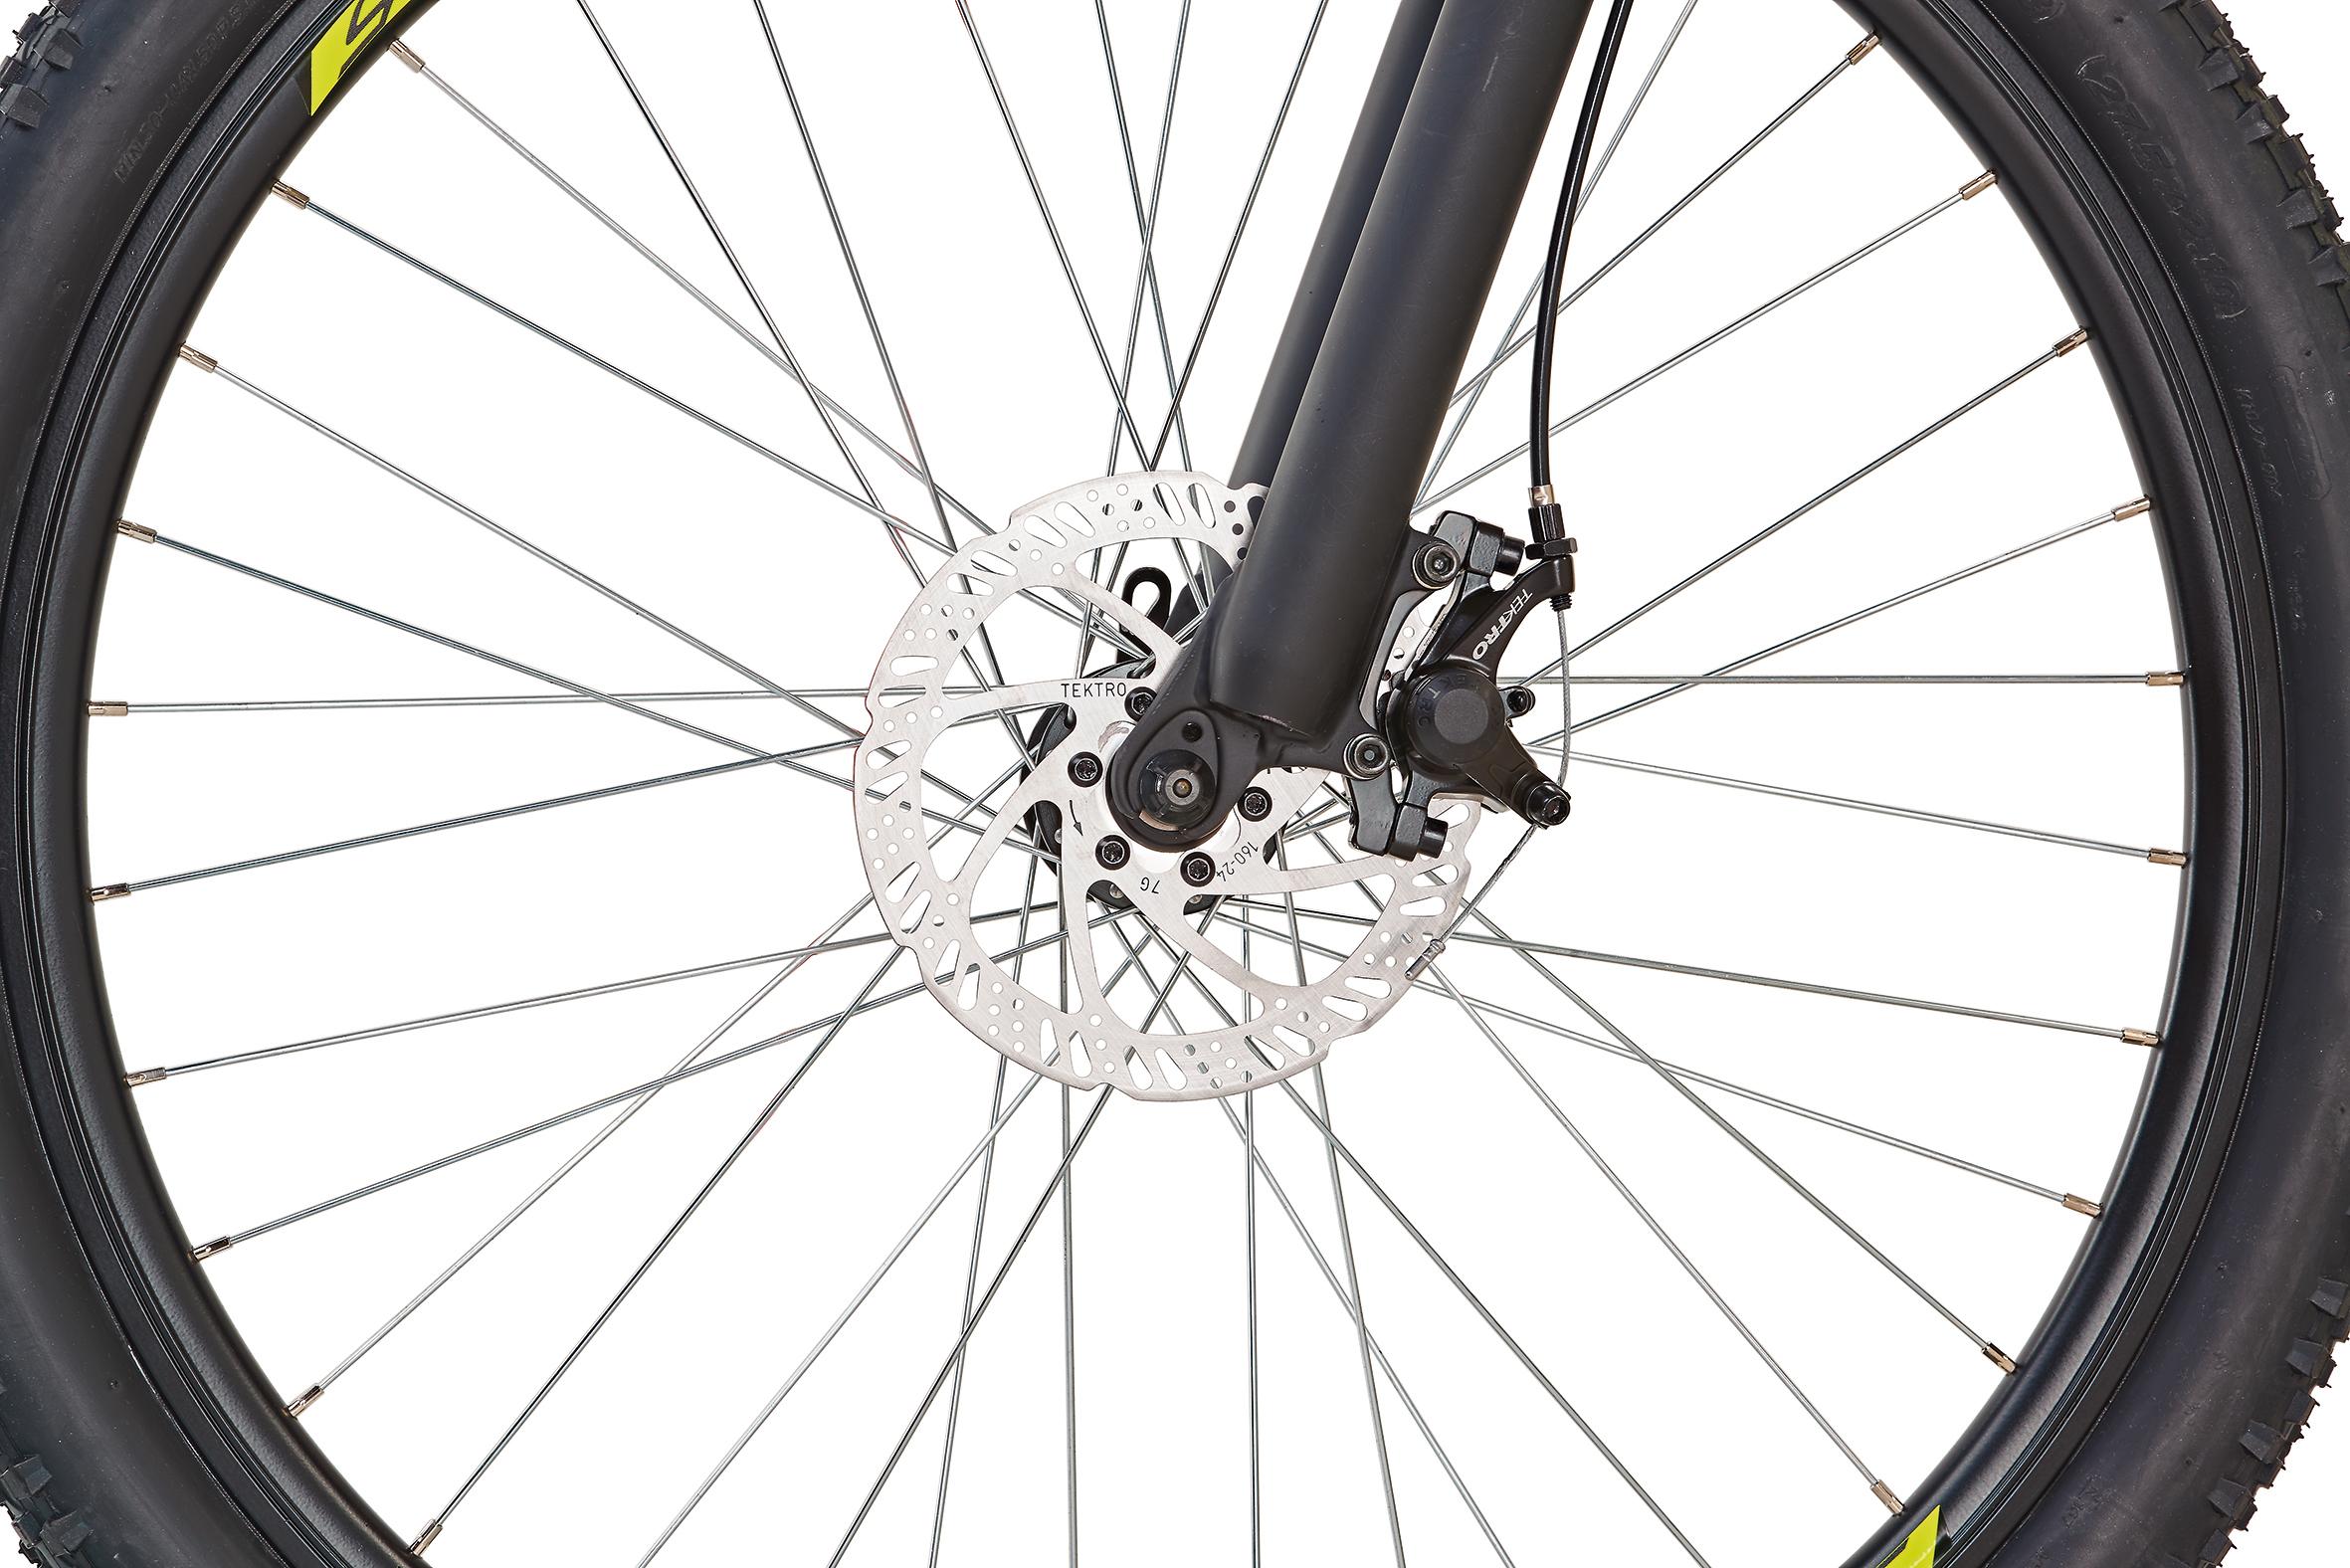 """Rex Bike Fahrrad / Mountain Bike Graveler 9.2 MTB 27,5"""" Bild 5"""